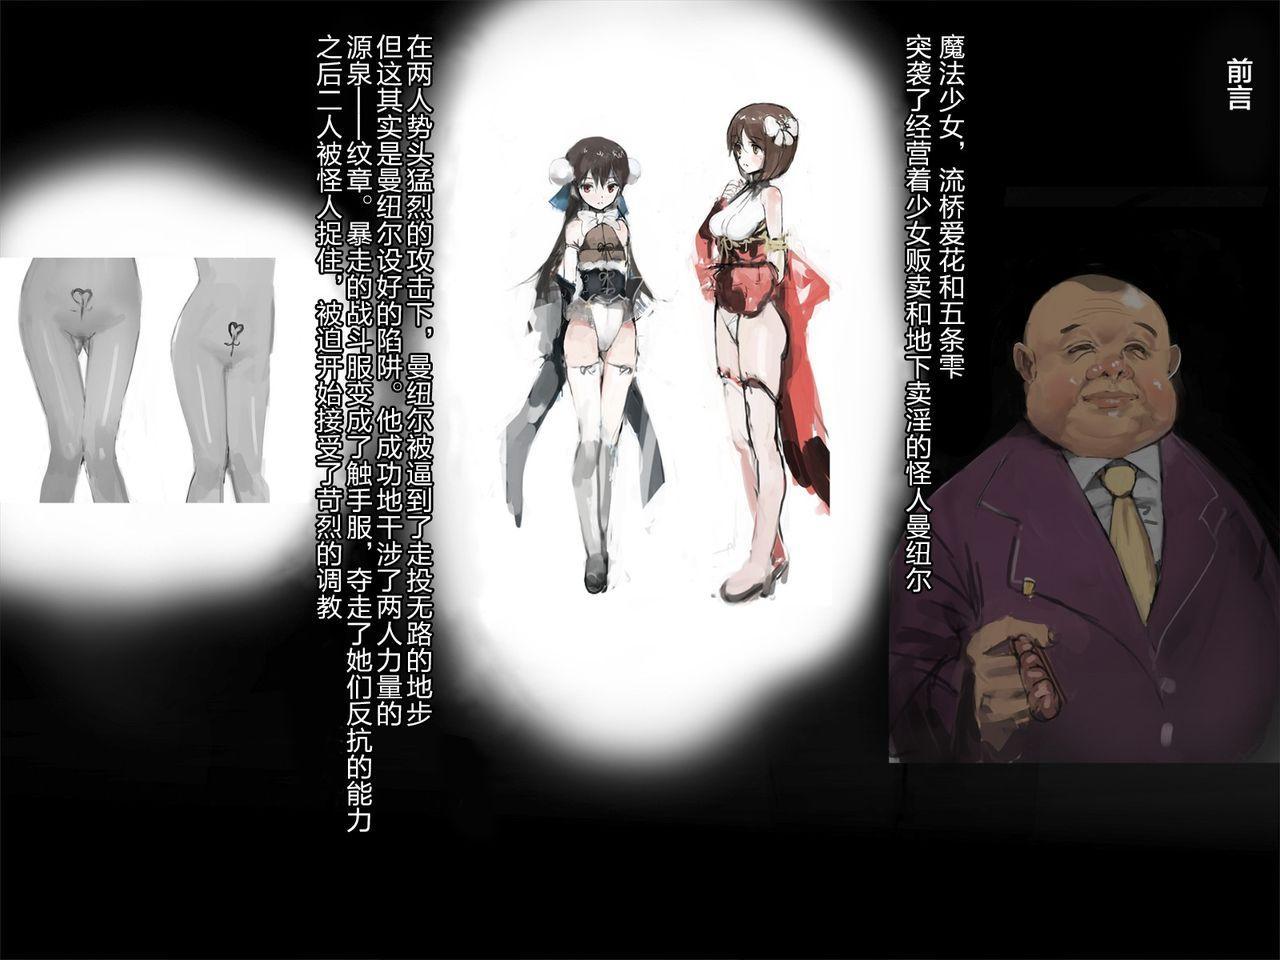 [Darumasan Koronda] Shokusou Shoujo Choukyou [Chinese]【零食汉化组】 2